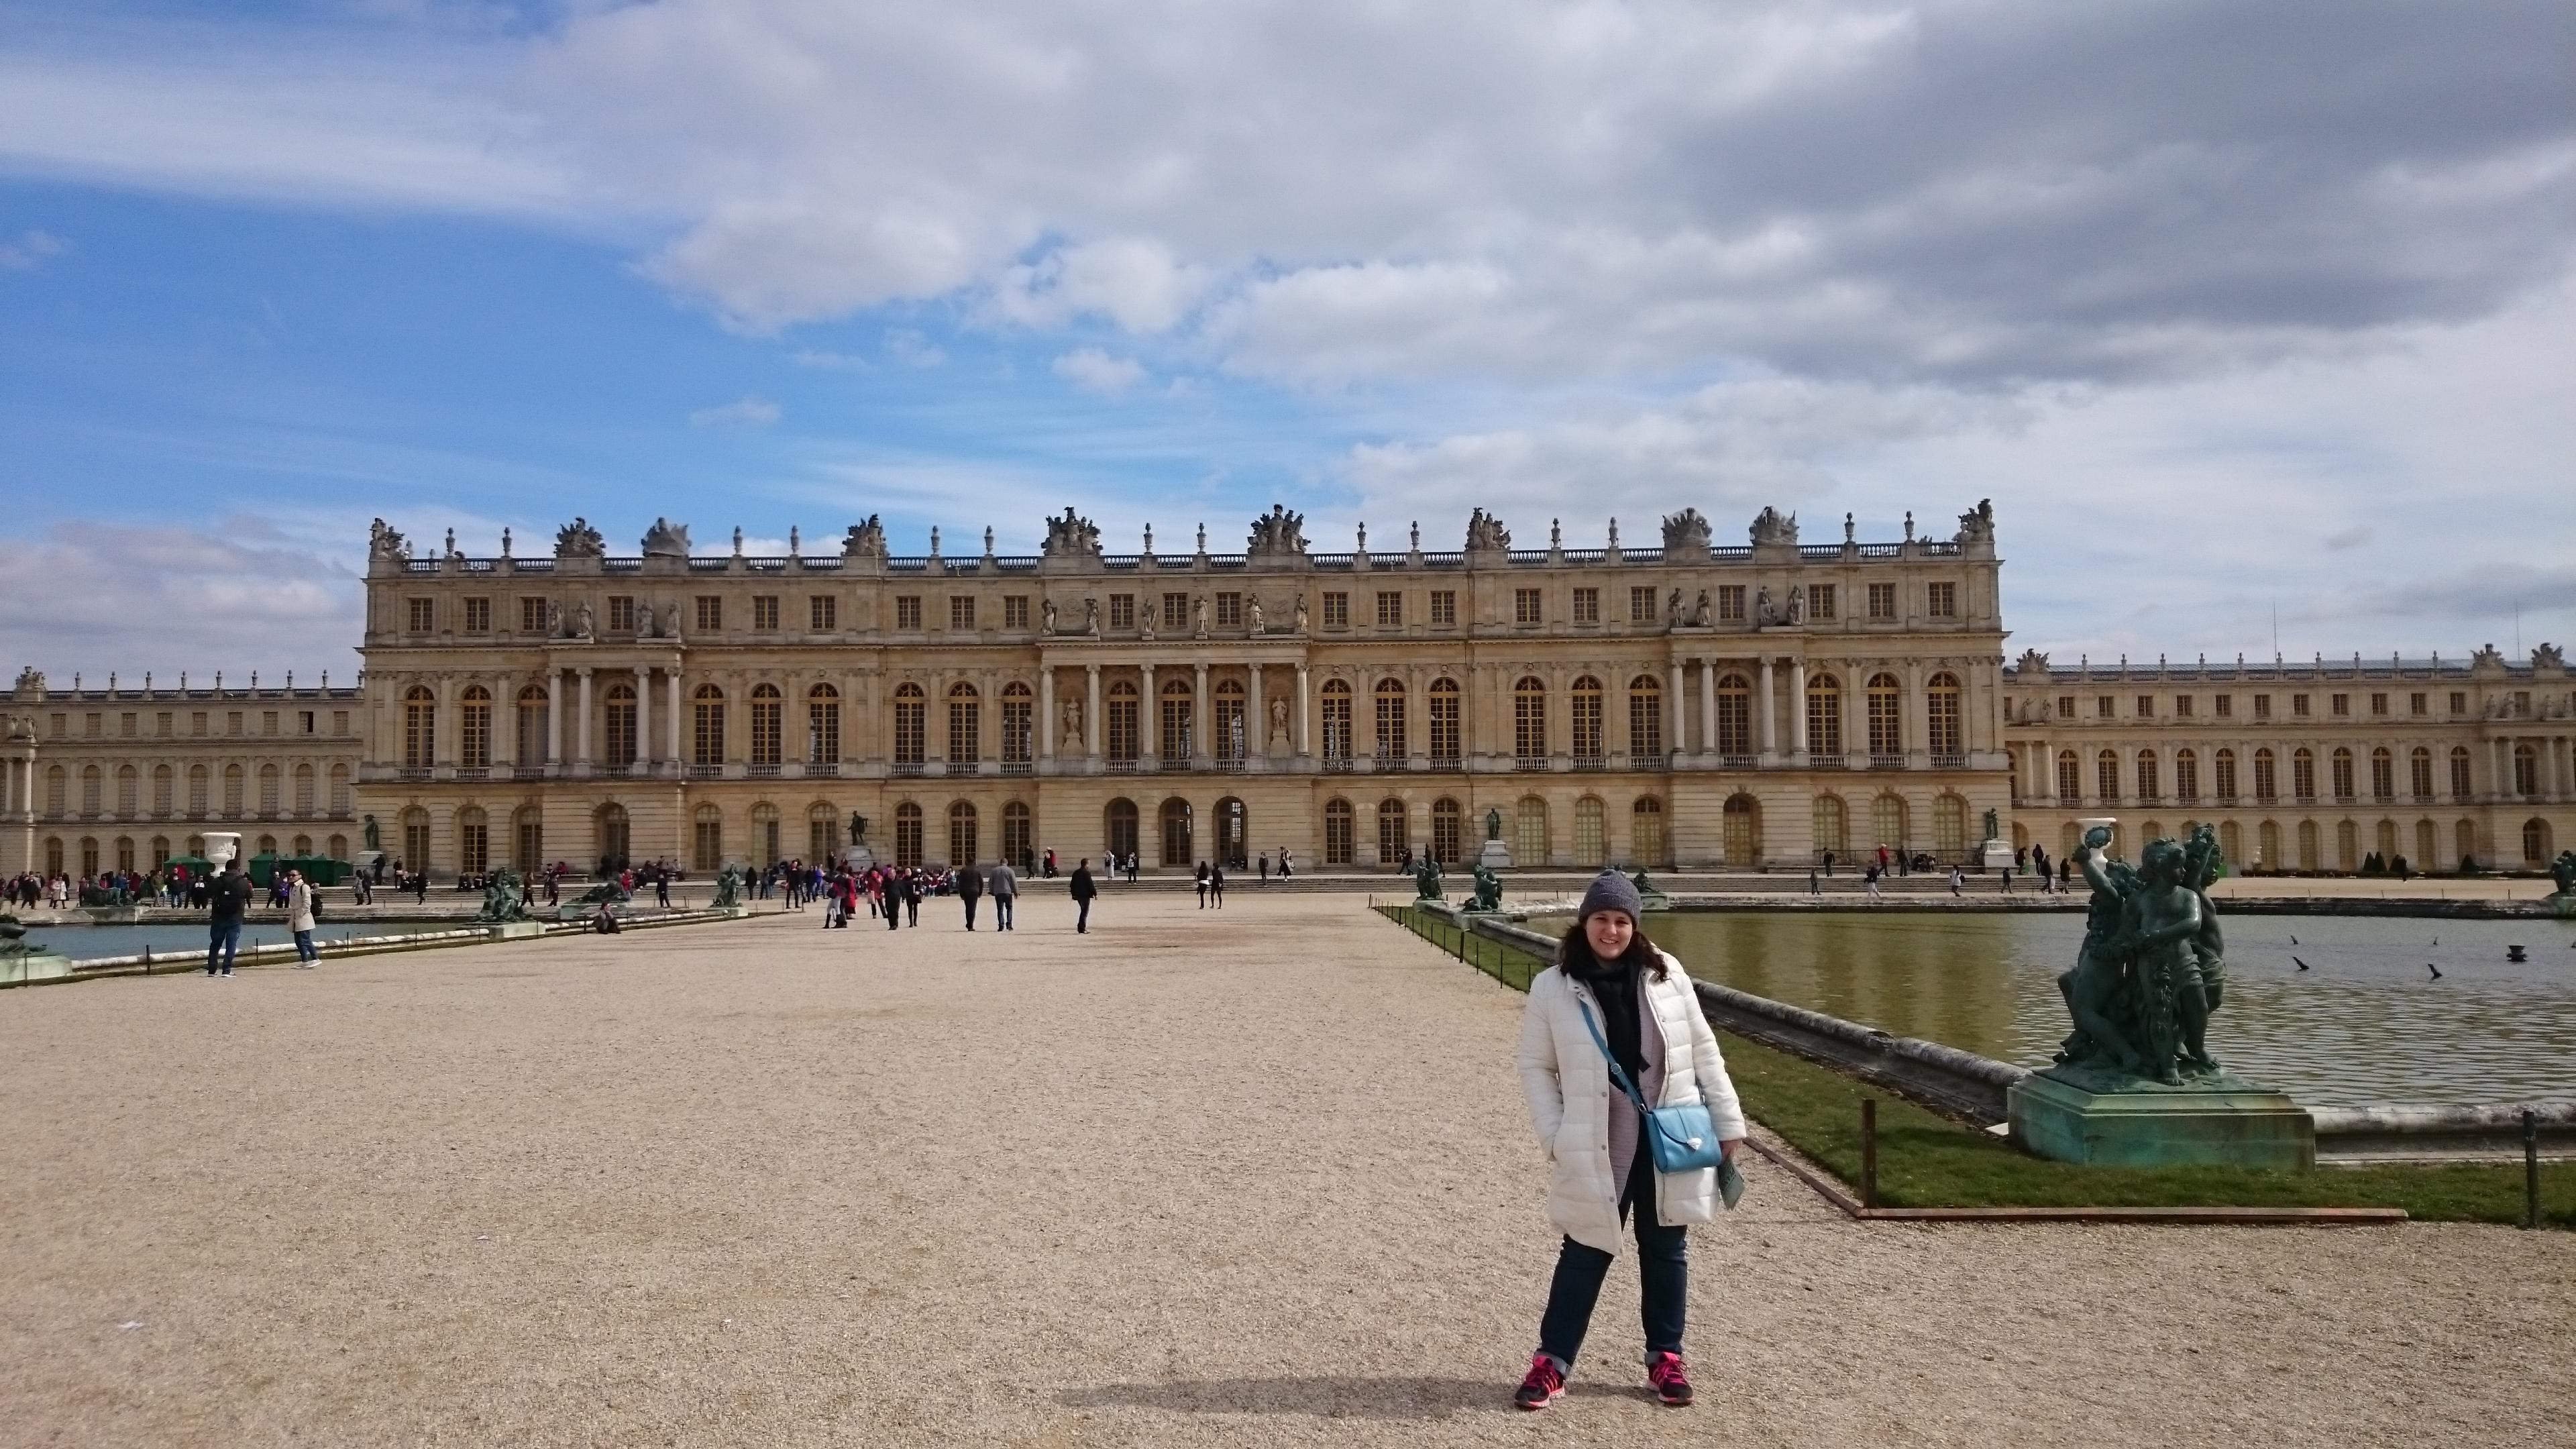 dsc 1307 - Visita al Palacio de Versalles: Como ir, cuanto cuesta y tips I/III